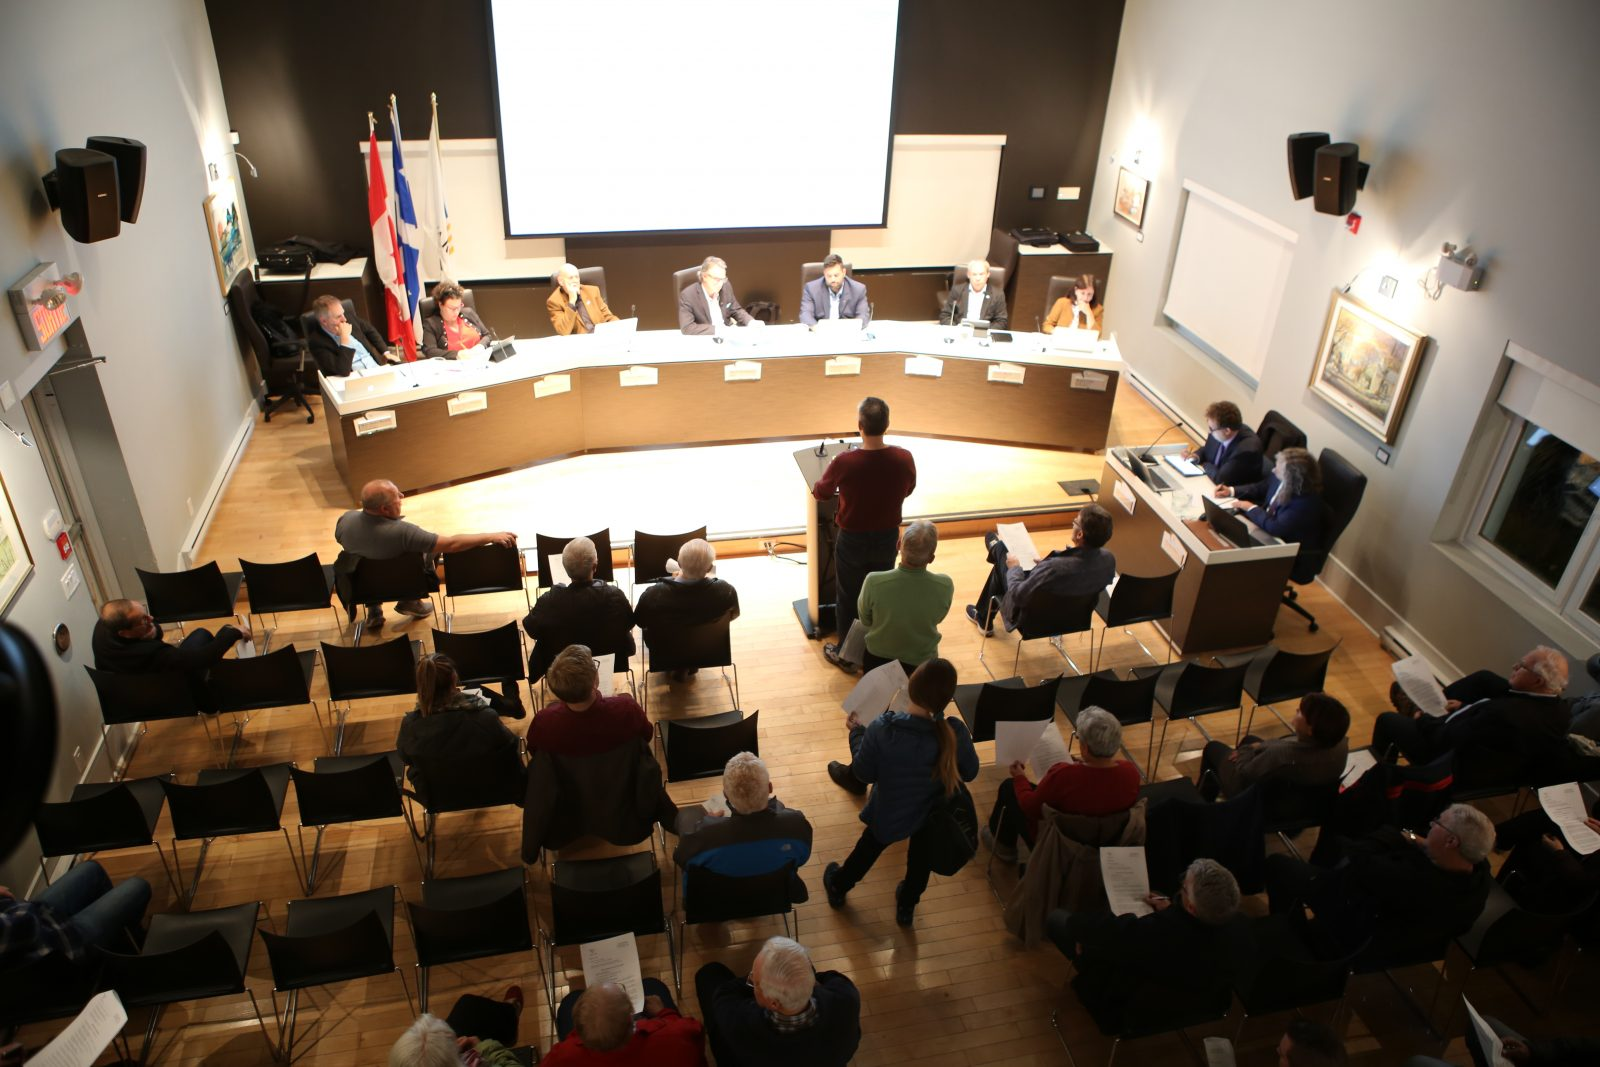 Dépôt de la pétition de 2 745 citoyens contre la phase 3 du projet domiciliaire dans le parc Saint-Charles